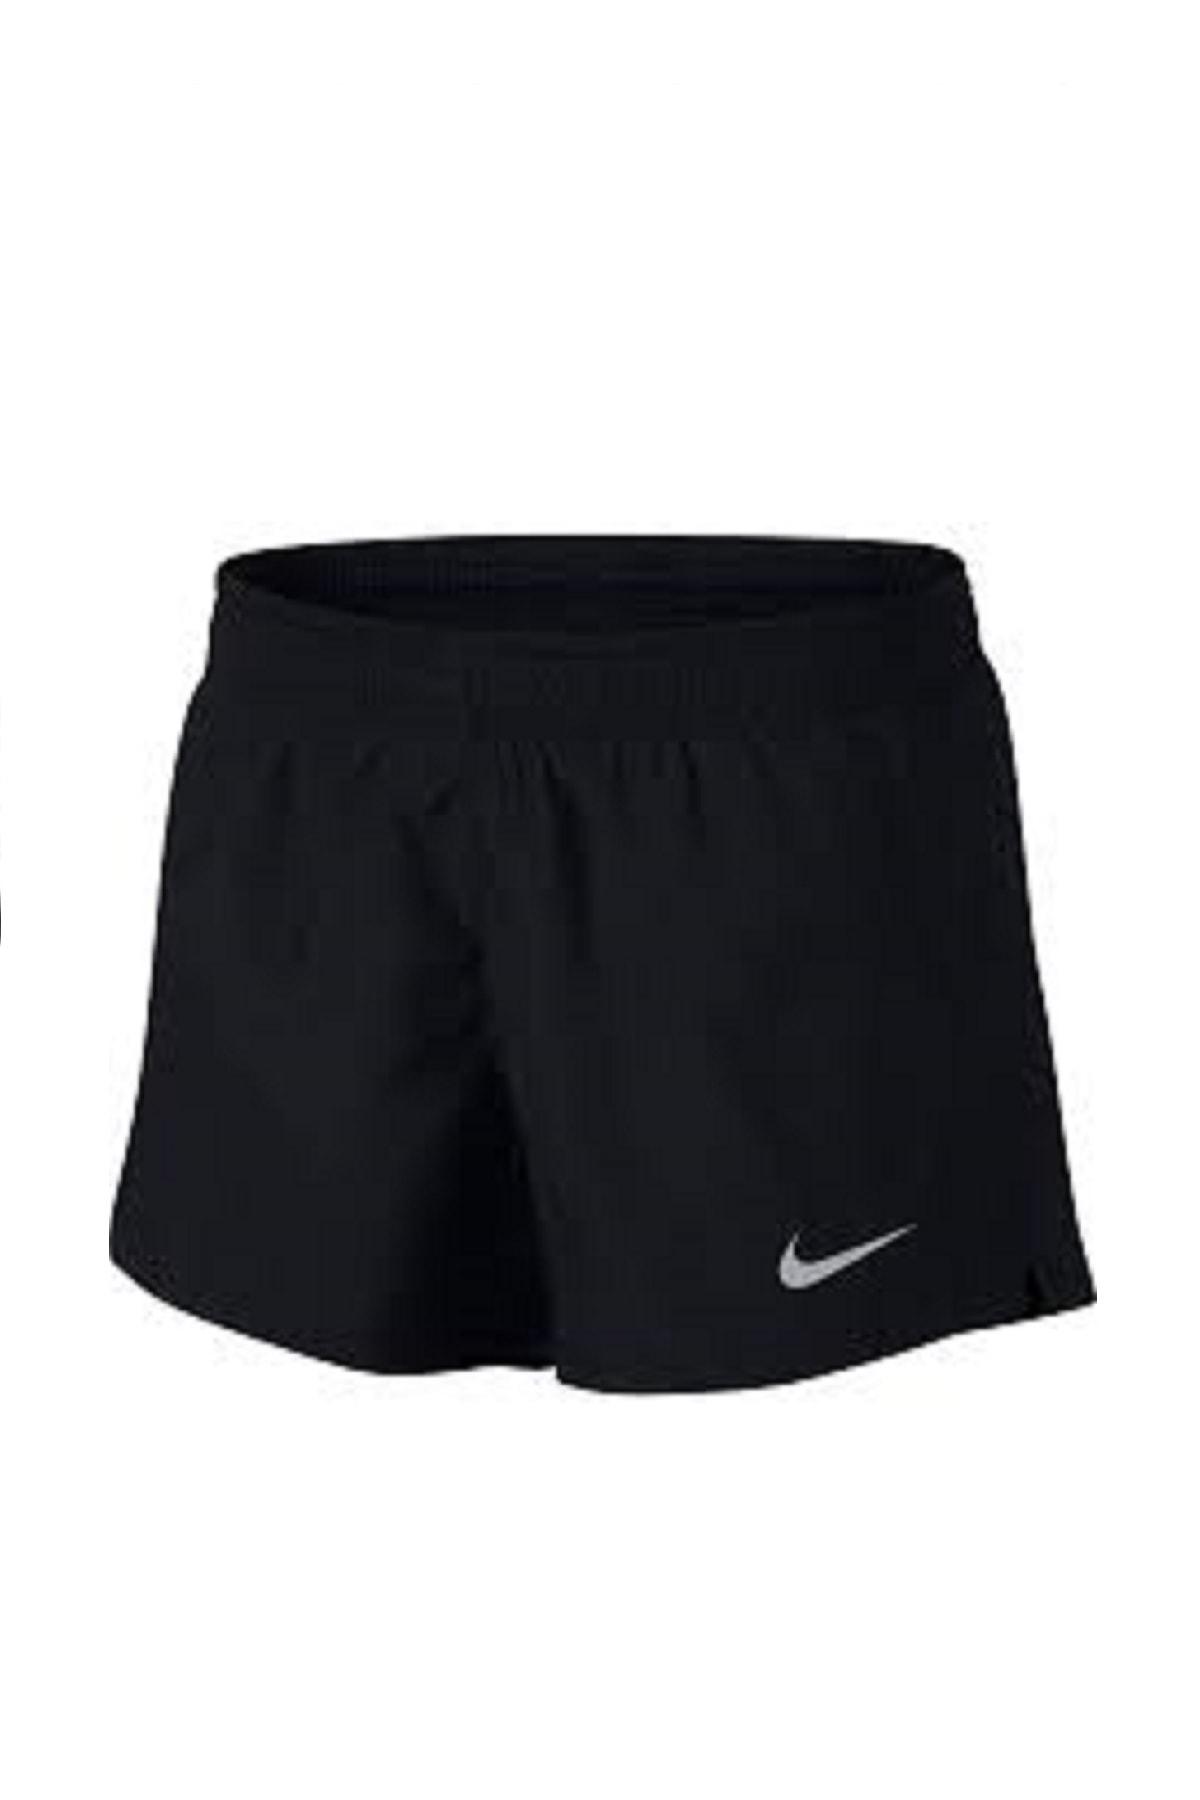 فروش شلوارک ورزشی مردانه جدید مارک نایک رنگ مشکی کد ty3979725